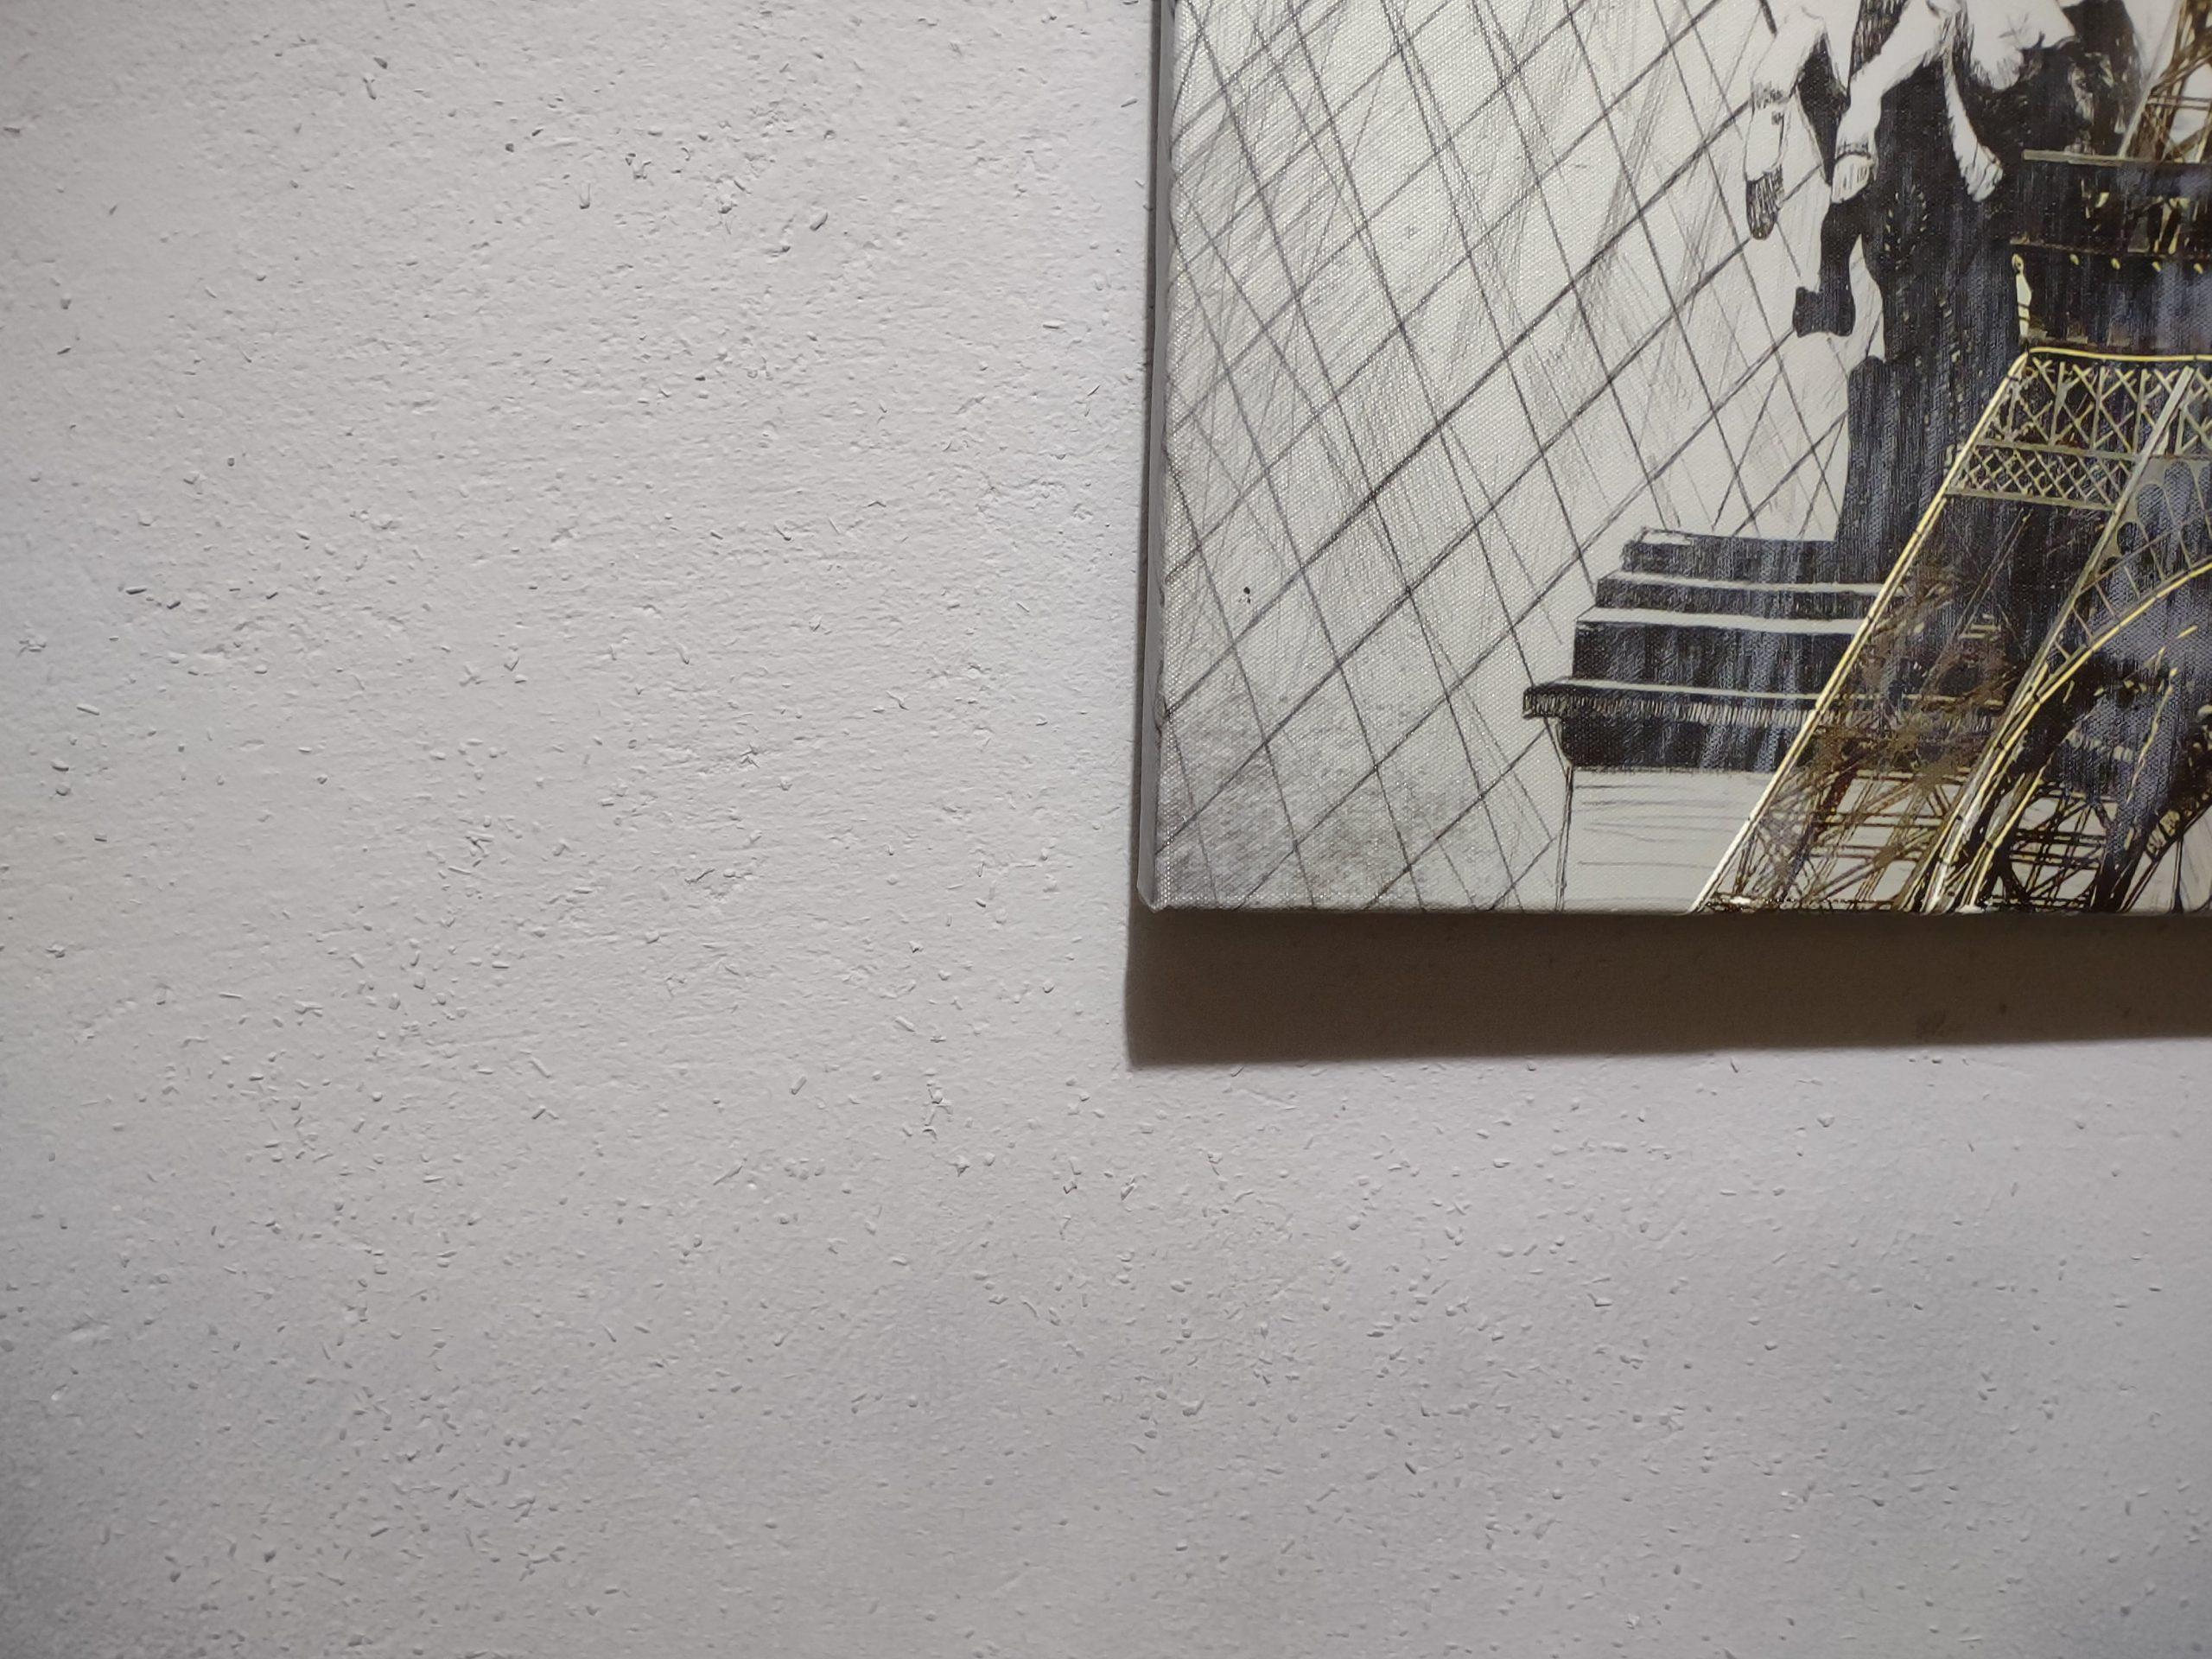 Zdjęcia w pomieszczeniu - Motorola Moto G 5G Plus